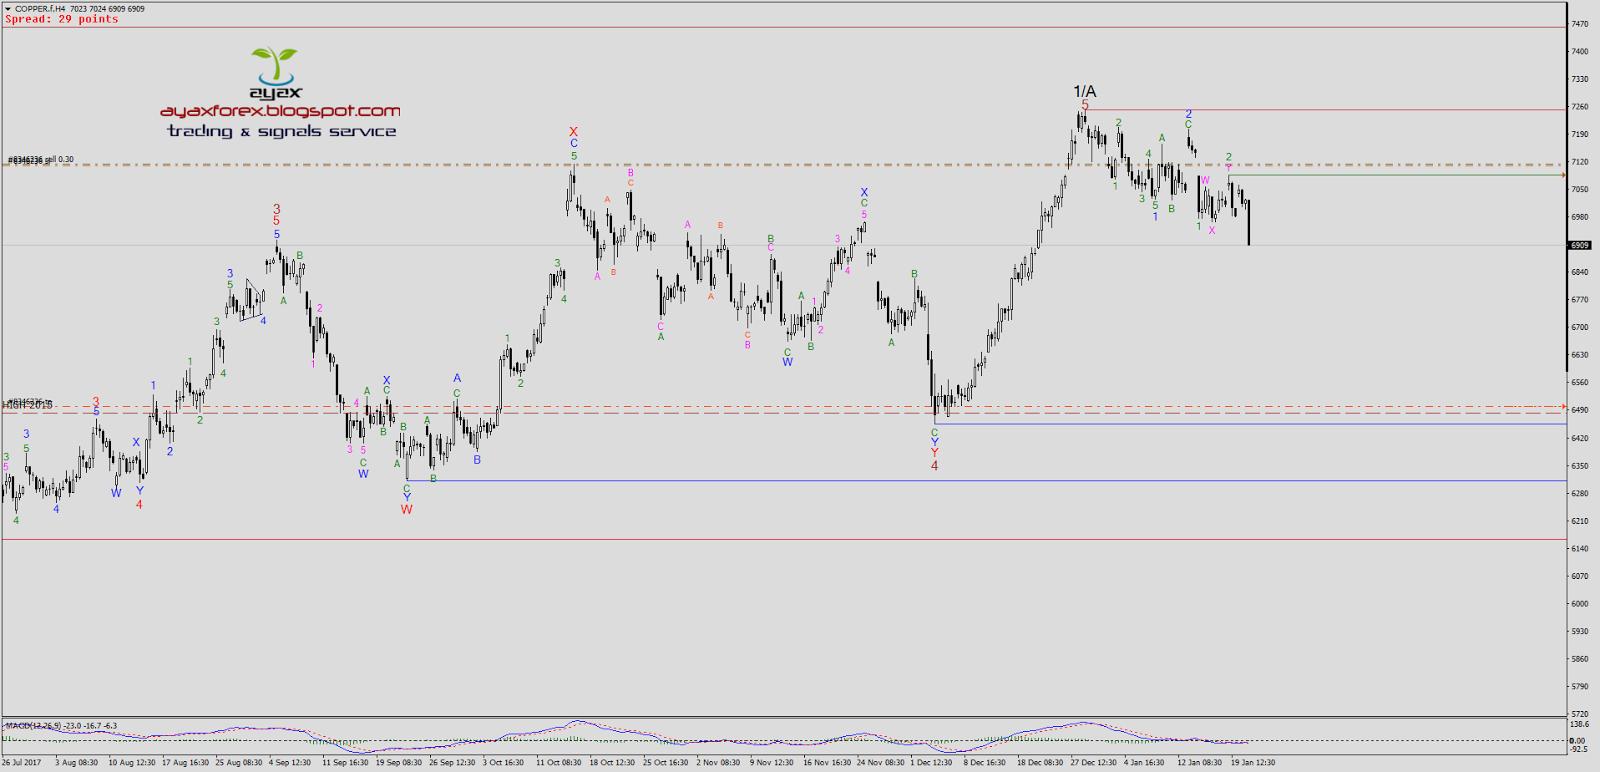 Copper forex trading советники форекс grid